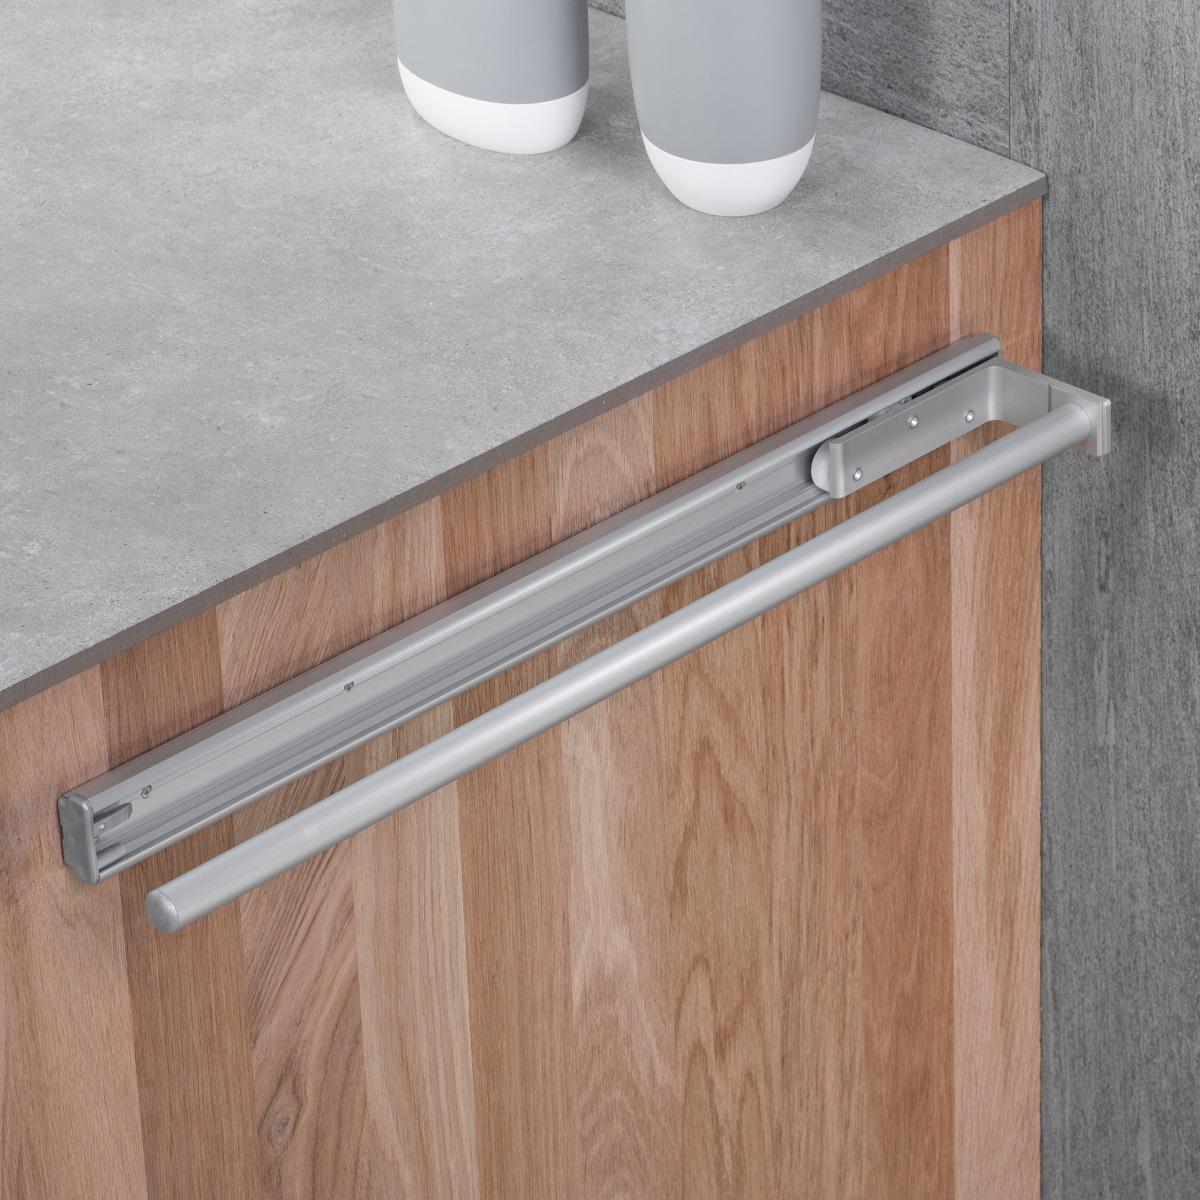 Häfele Handtuchhalter H6006 ausziehbar schwenkbar